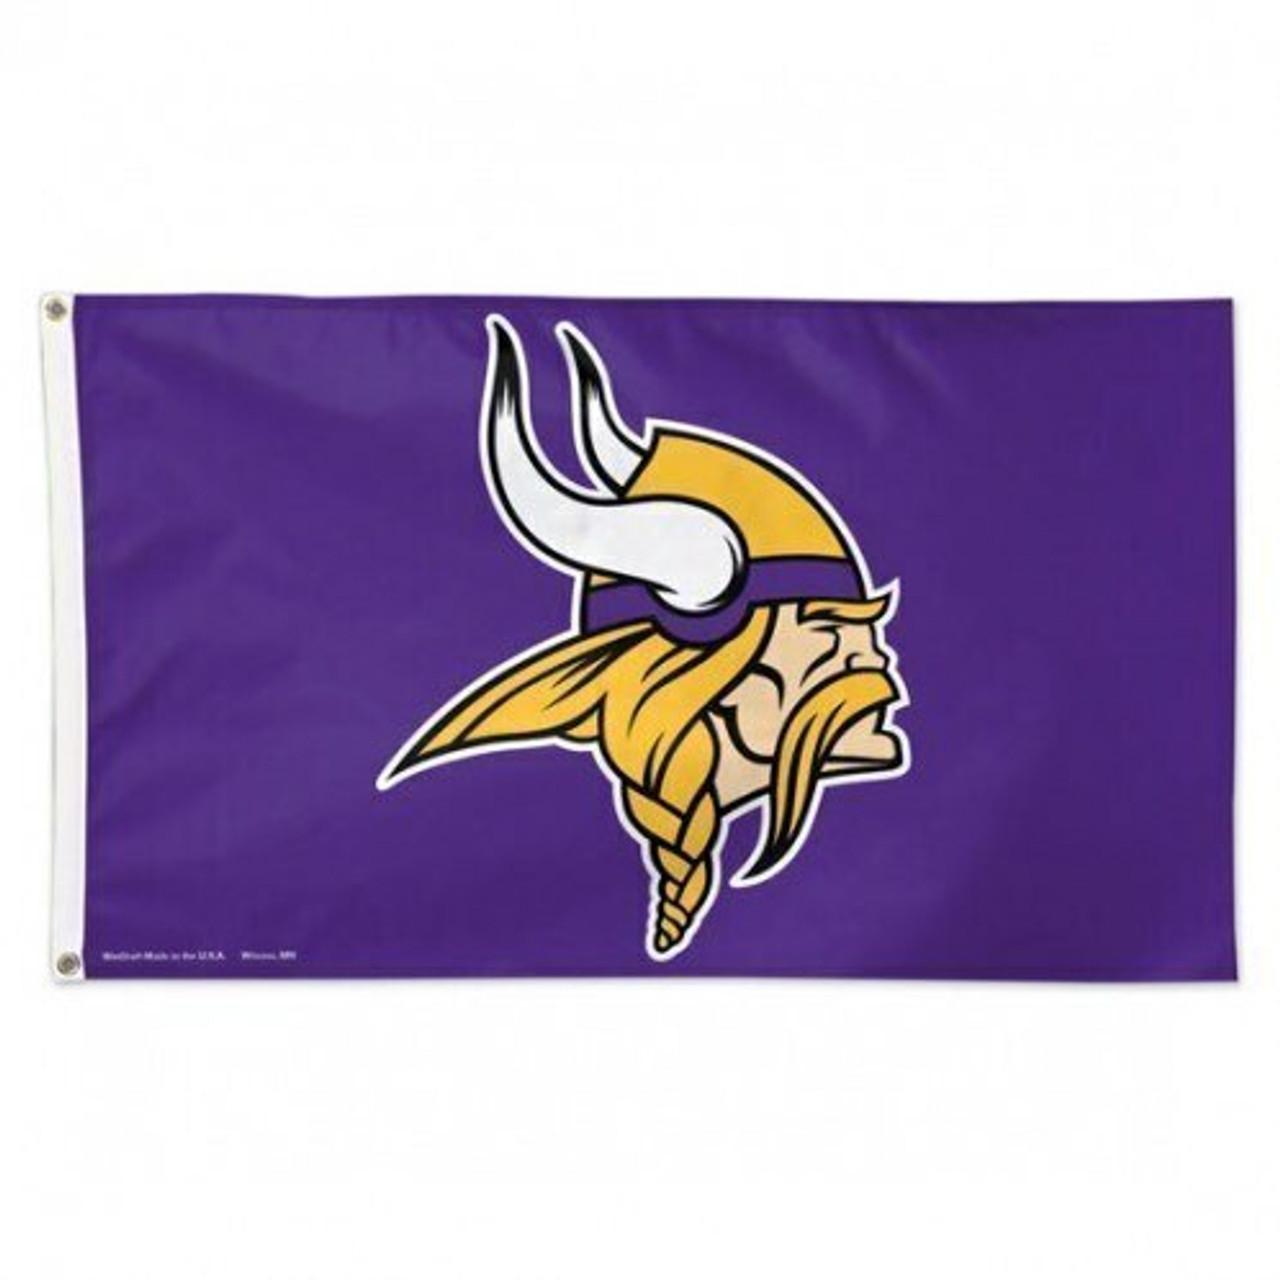 Minnesota Vikings Flag